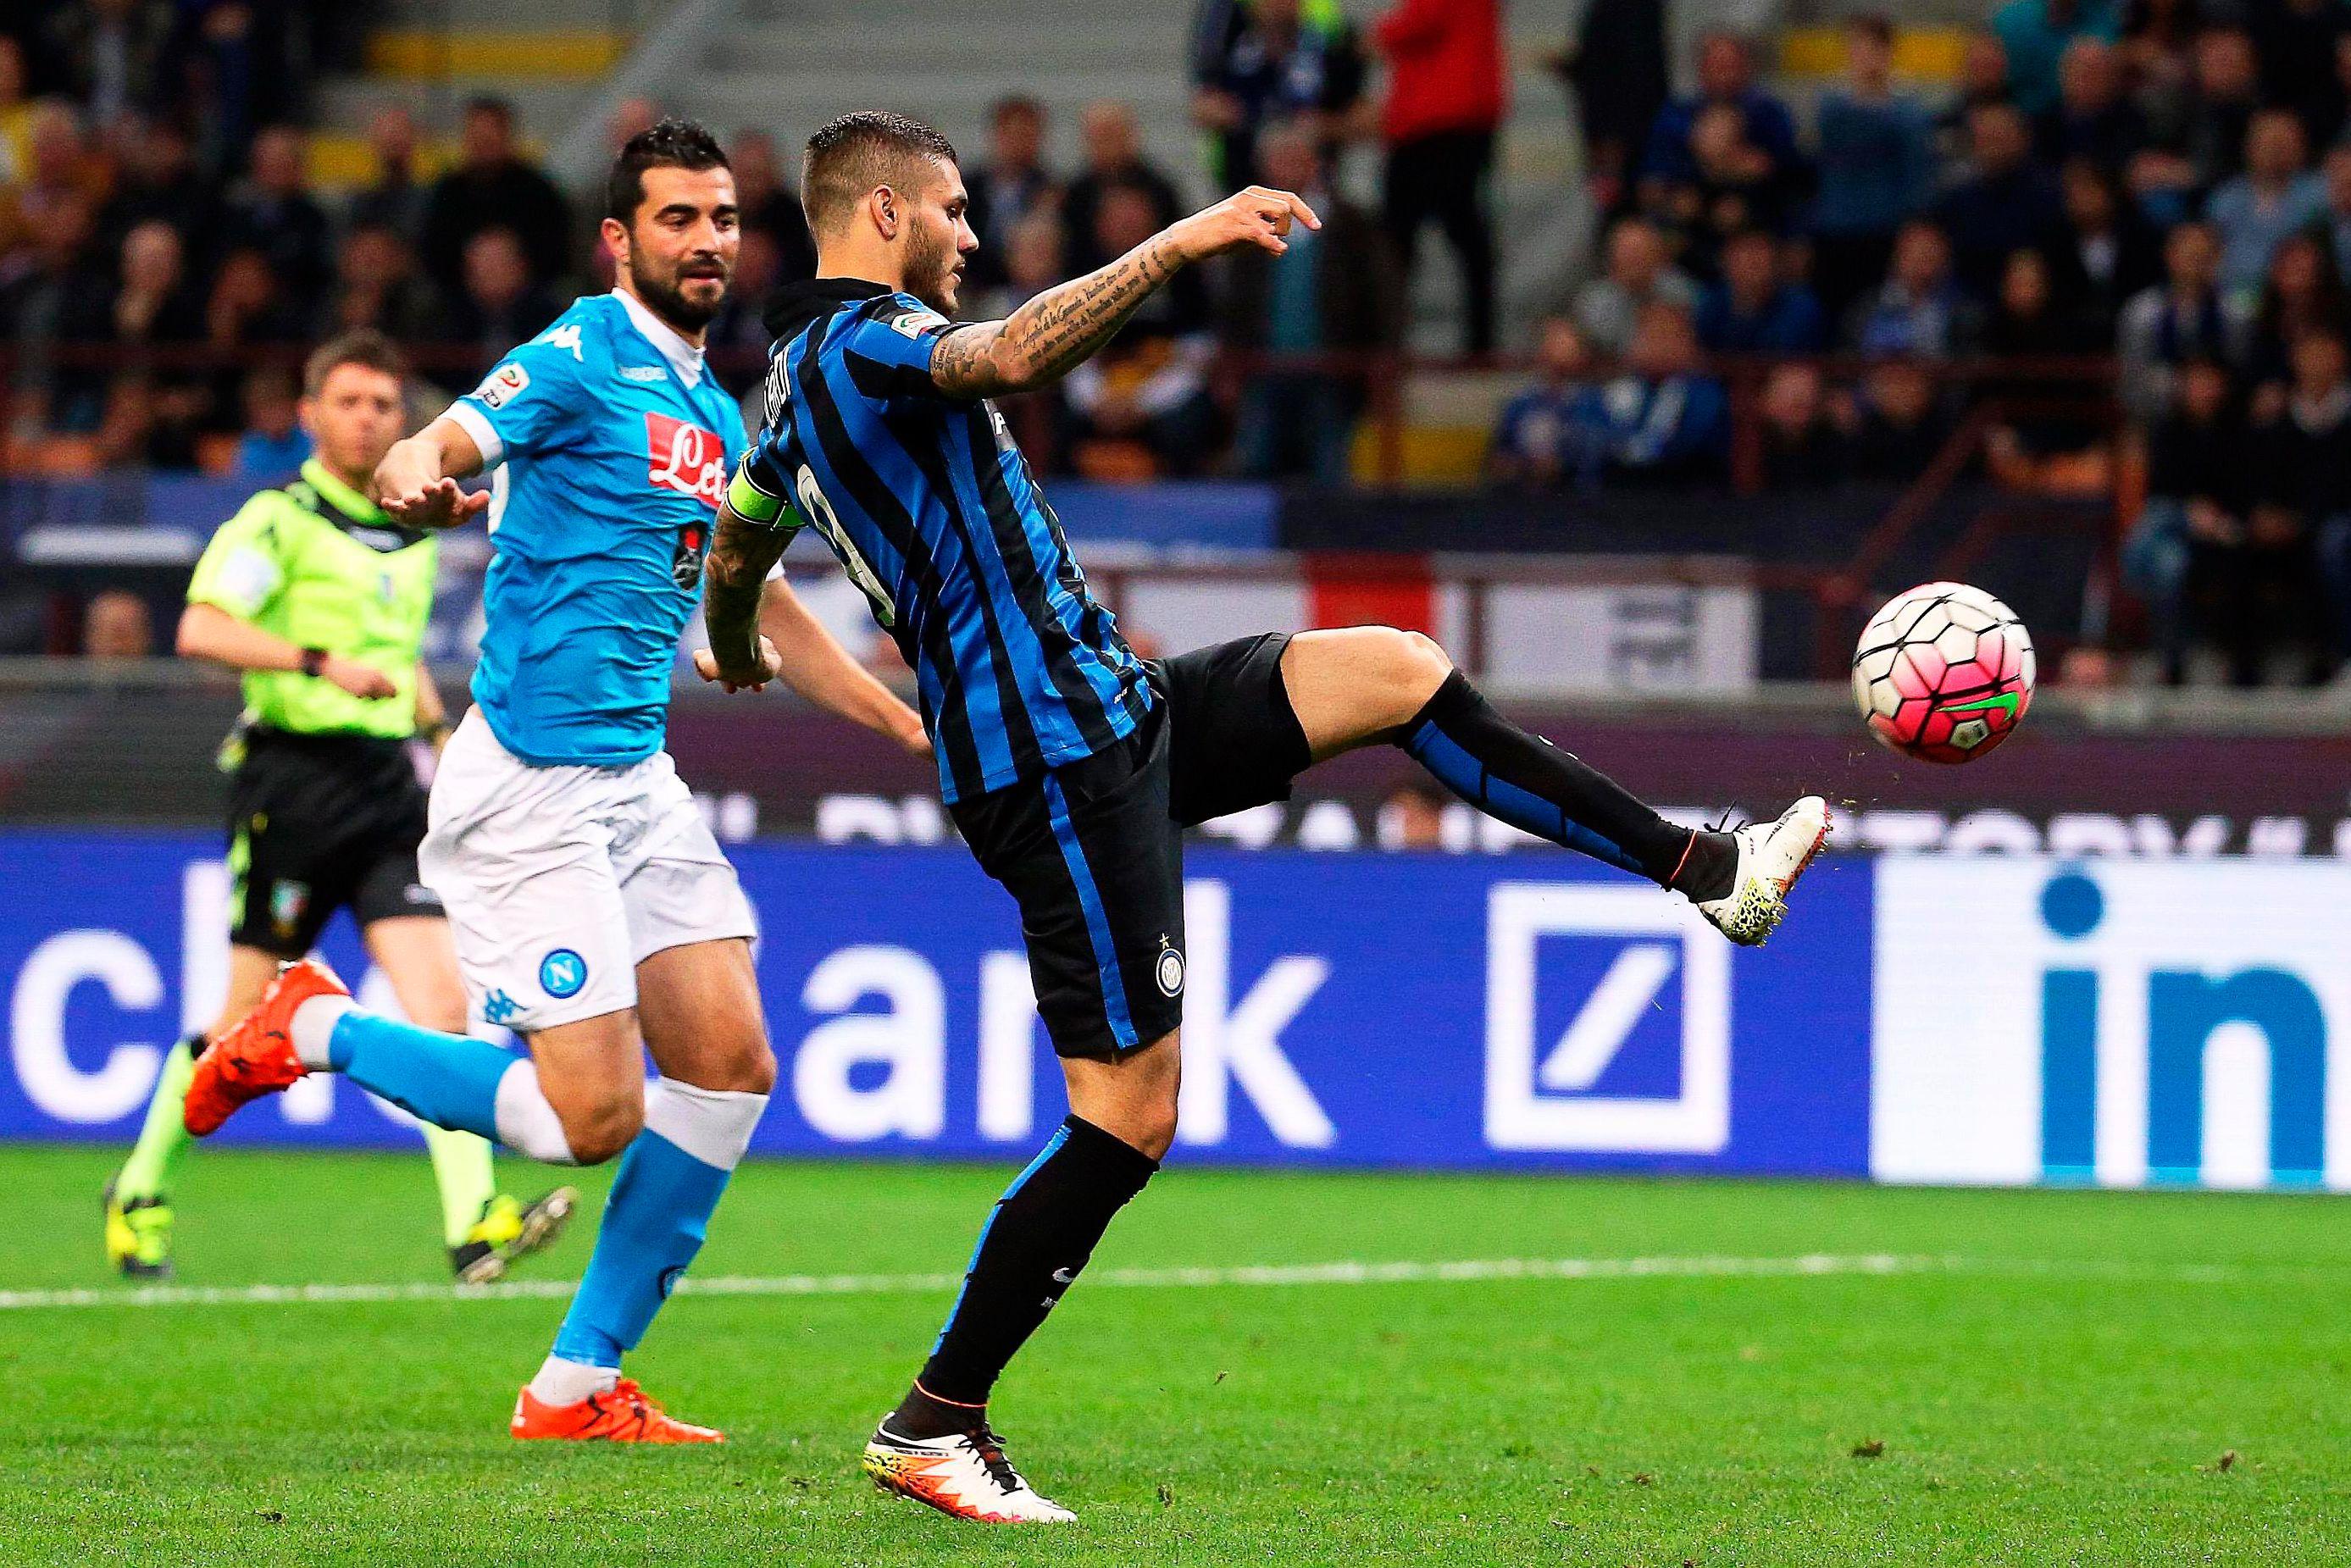 Con un gol de Icardi, Inter venció a Nápoli y lo dejó casi afuera de la pelea